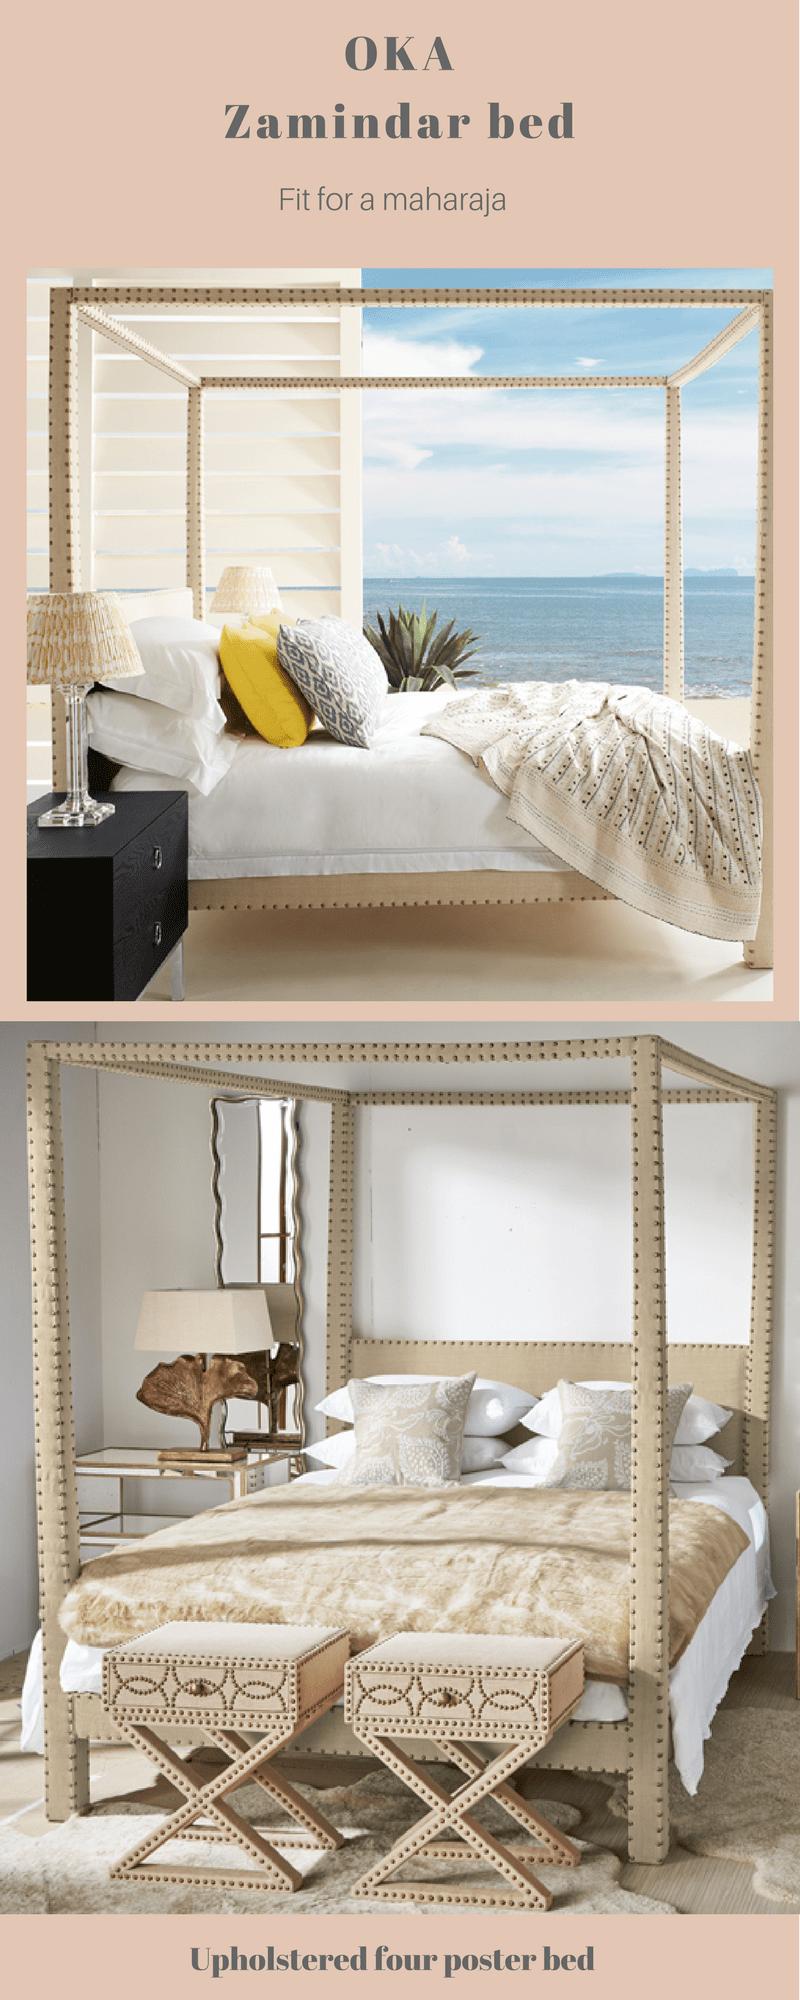 Luxury bed makers designer beds IKA Zamindar bed